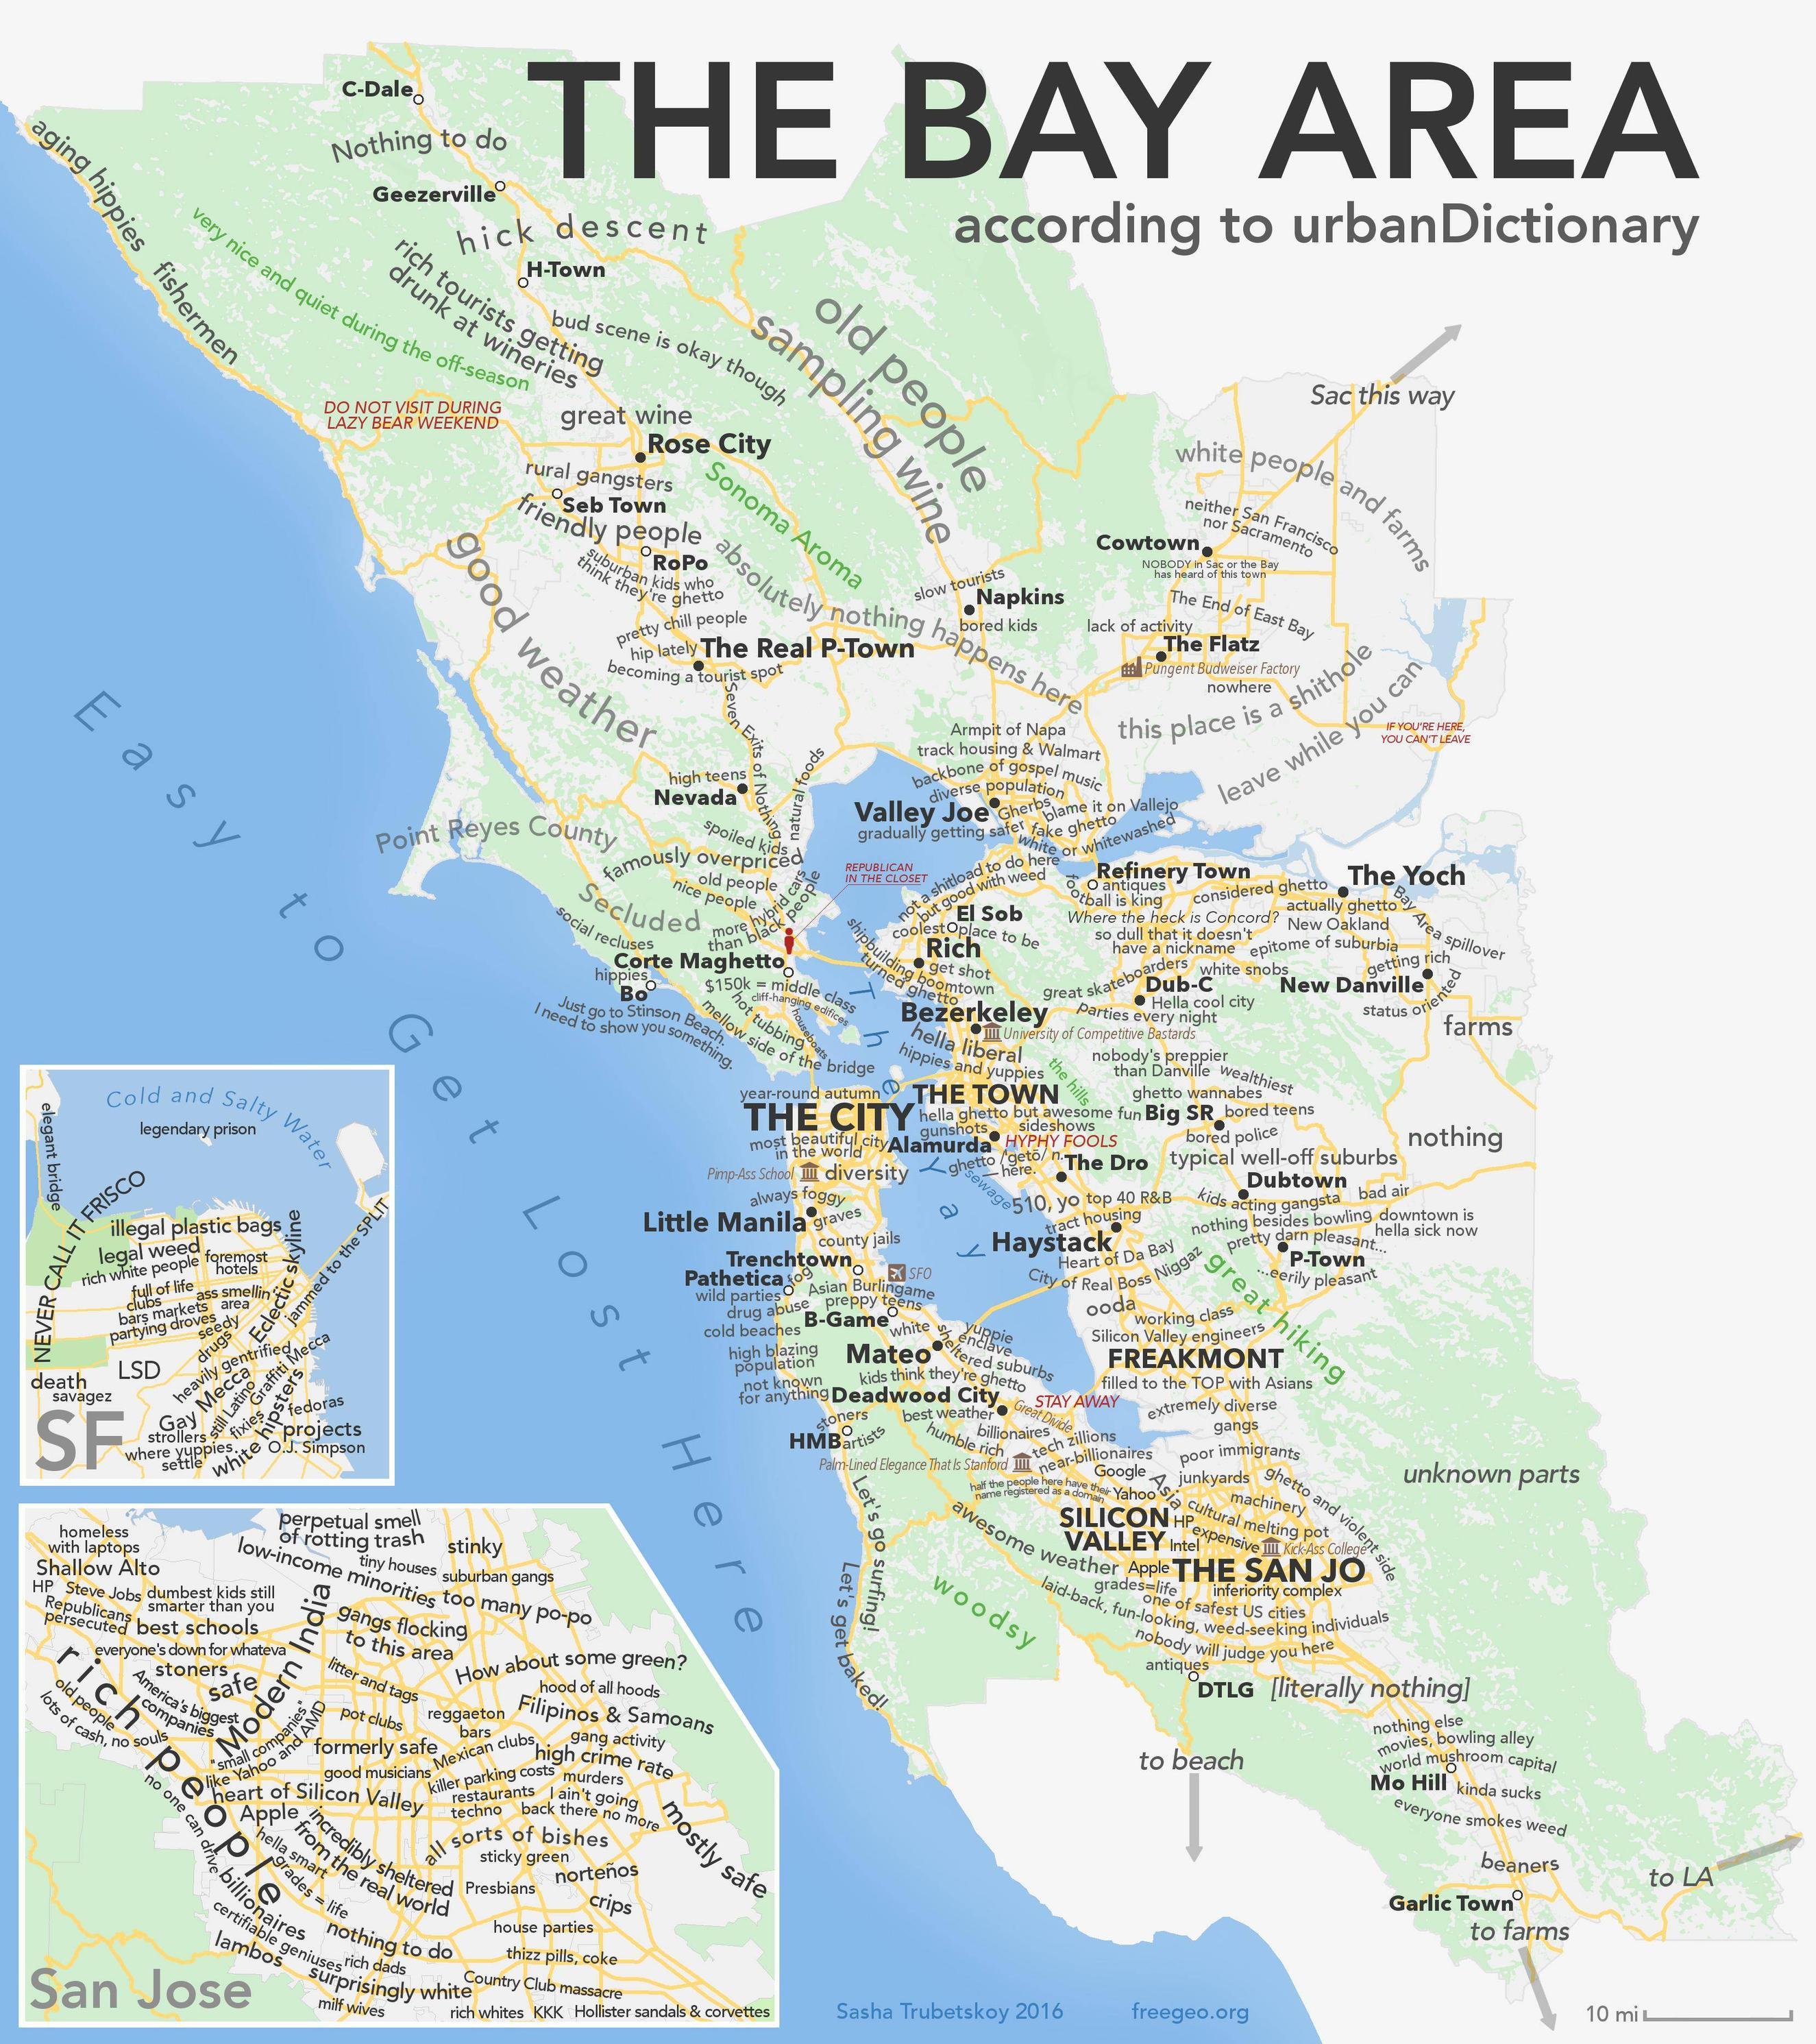 Avder Map Of California Springs Map Of California Bay Area - Klipy - San Francisco Bay Area Map California